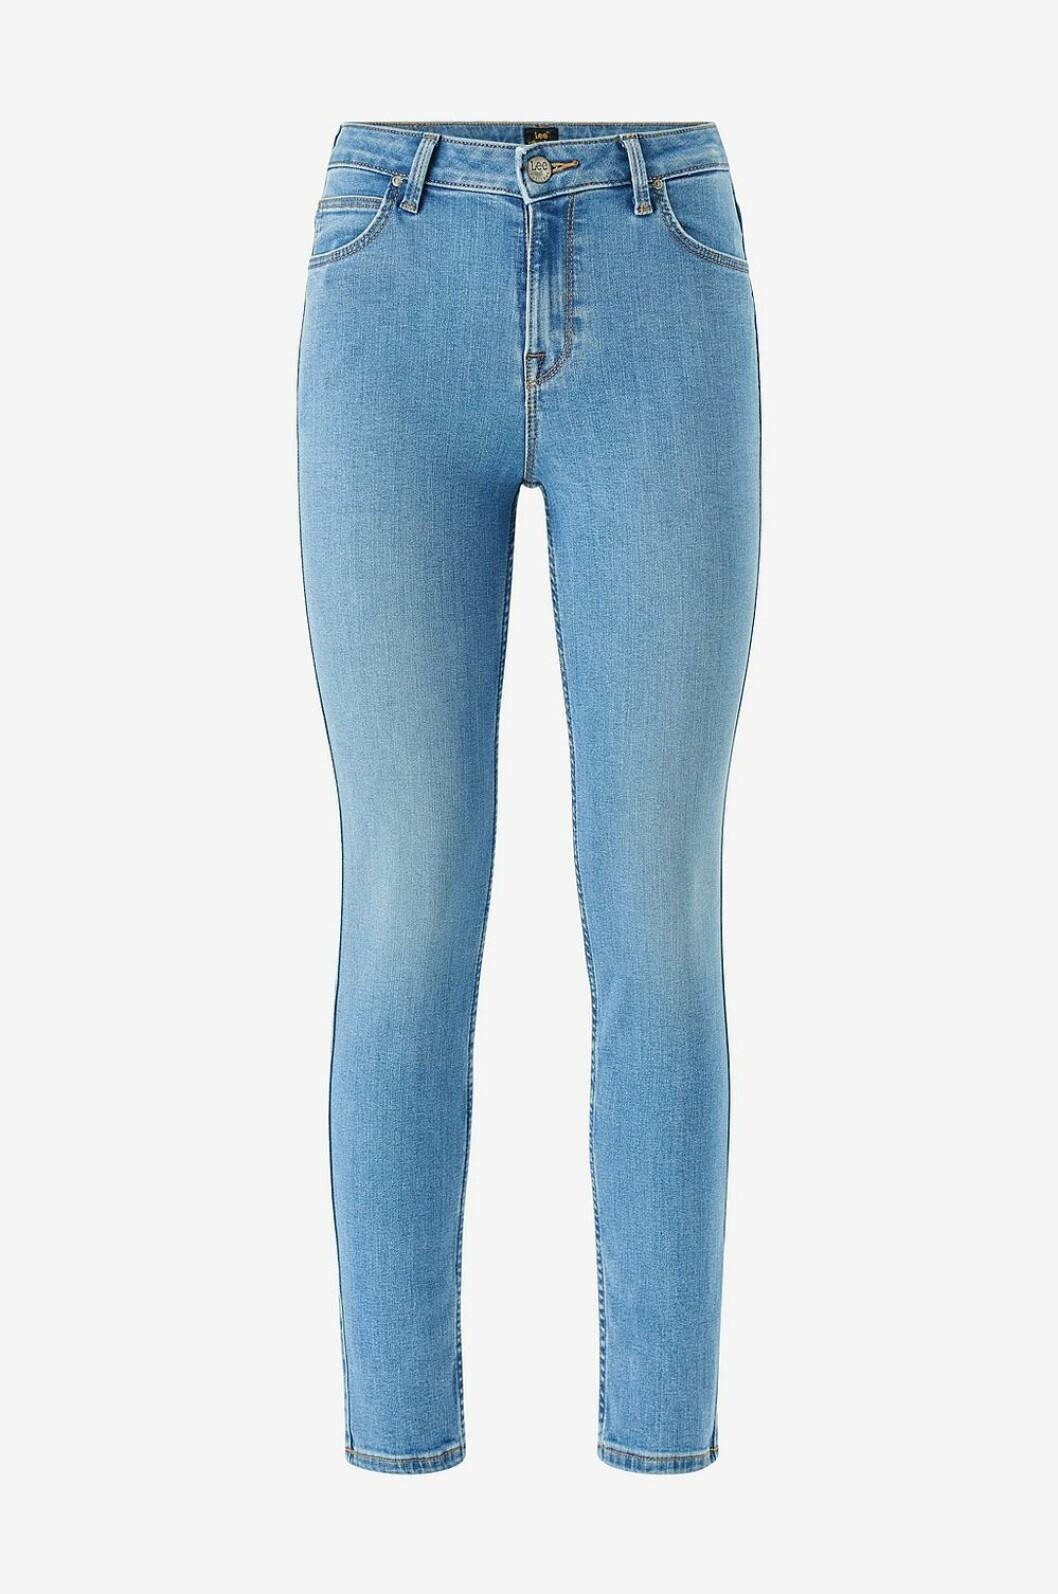 Ljusa jeans med hög midja till våren 2020